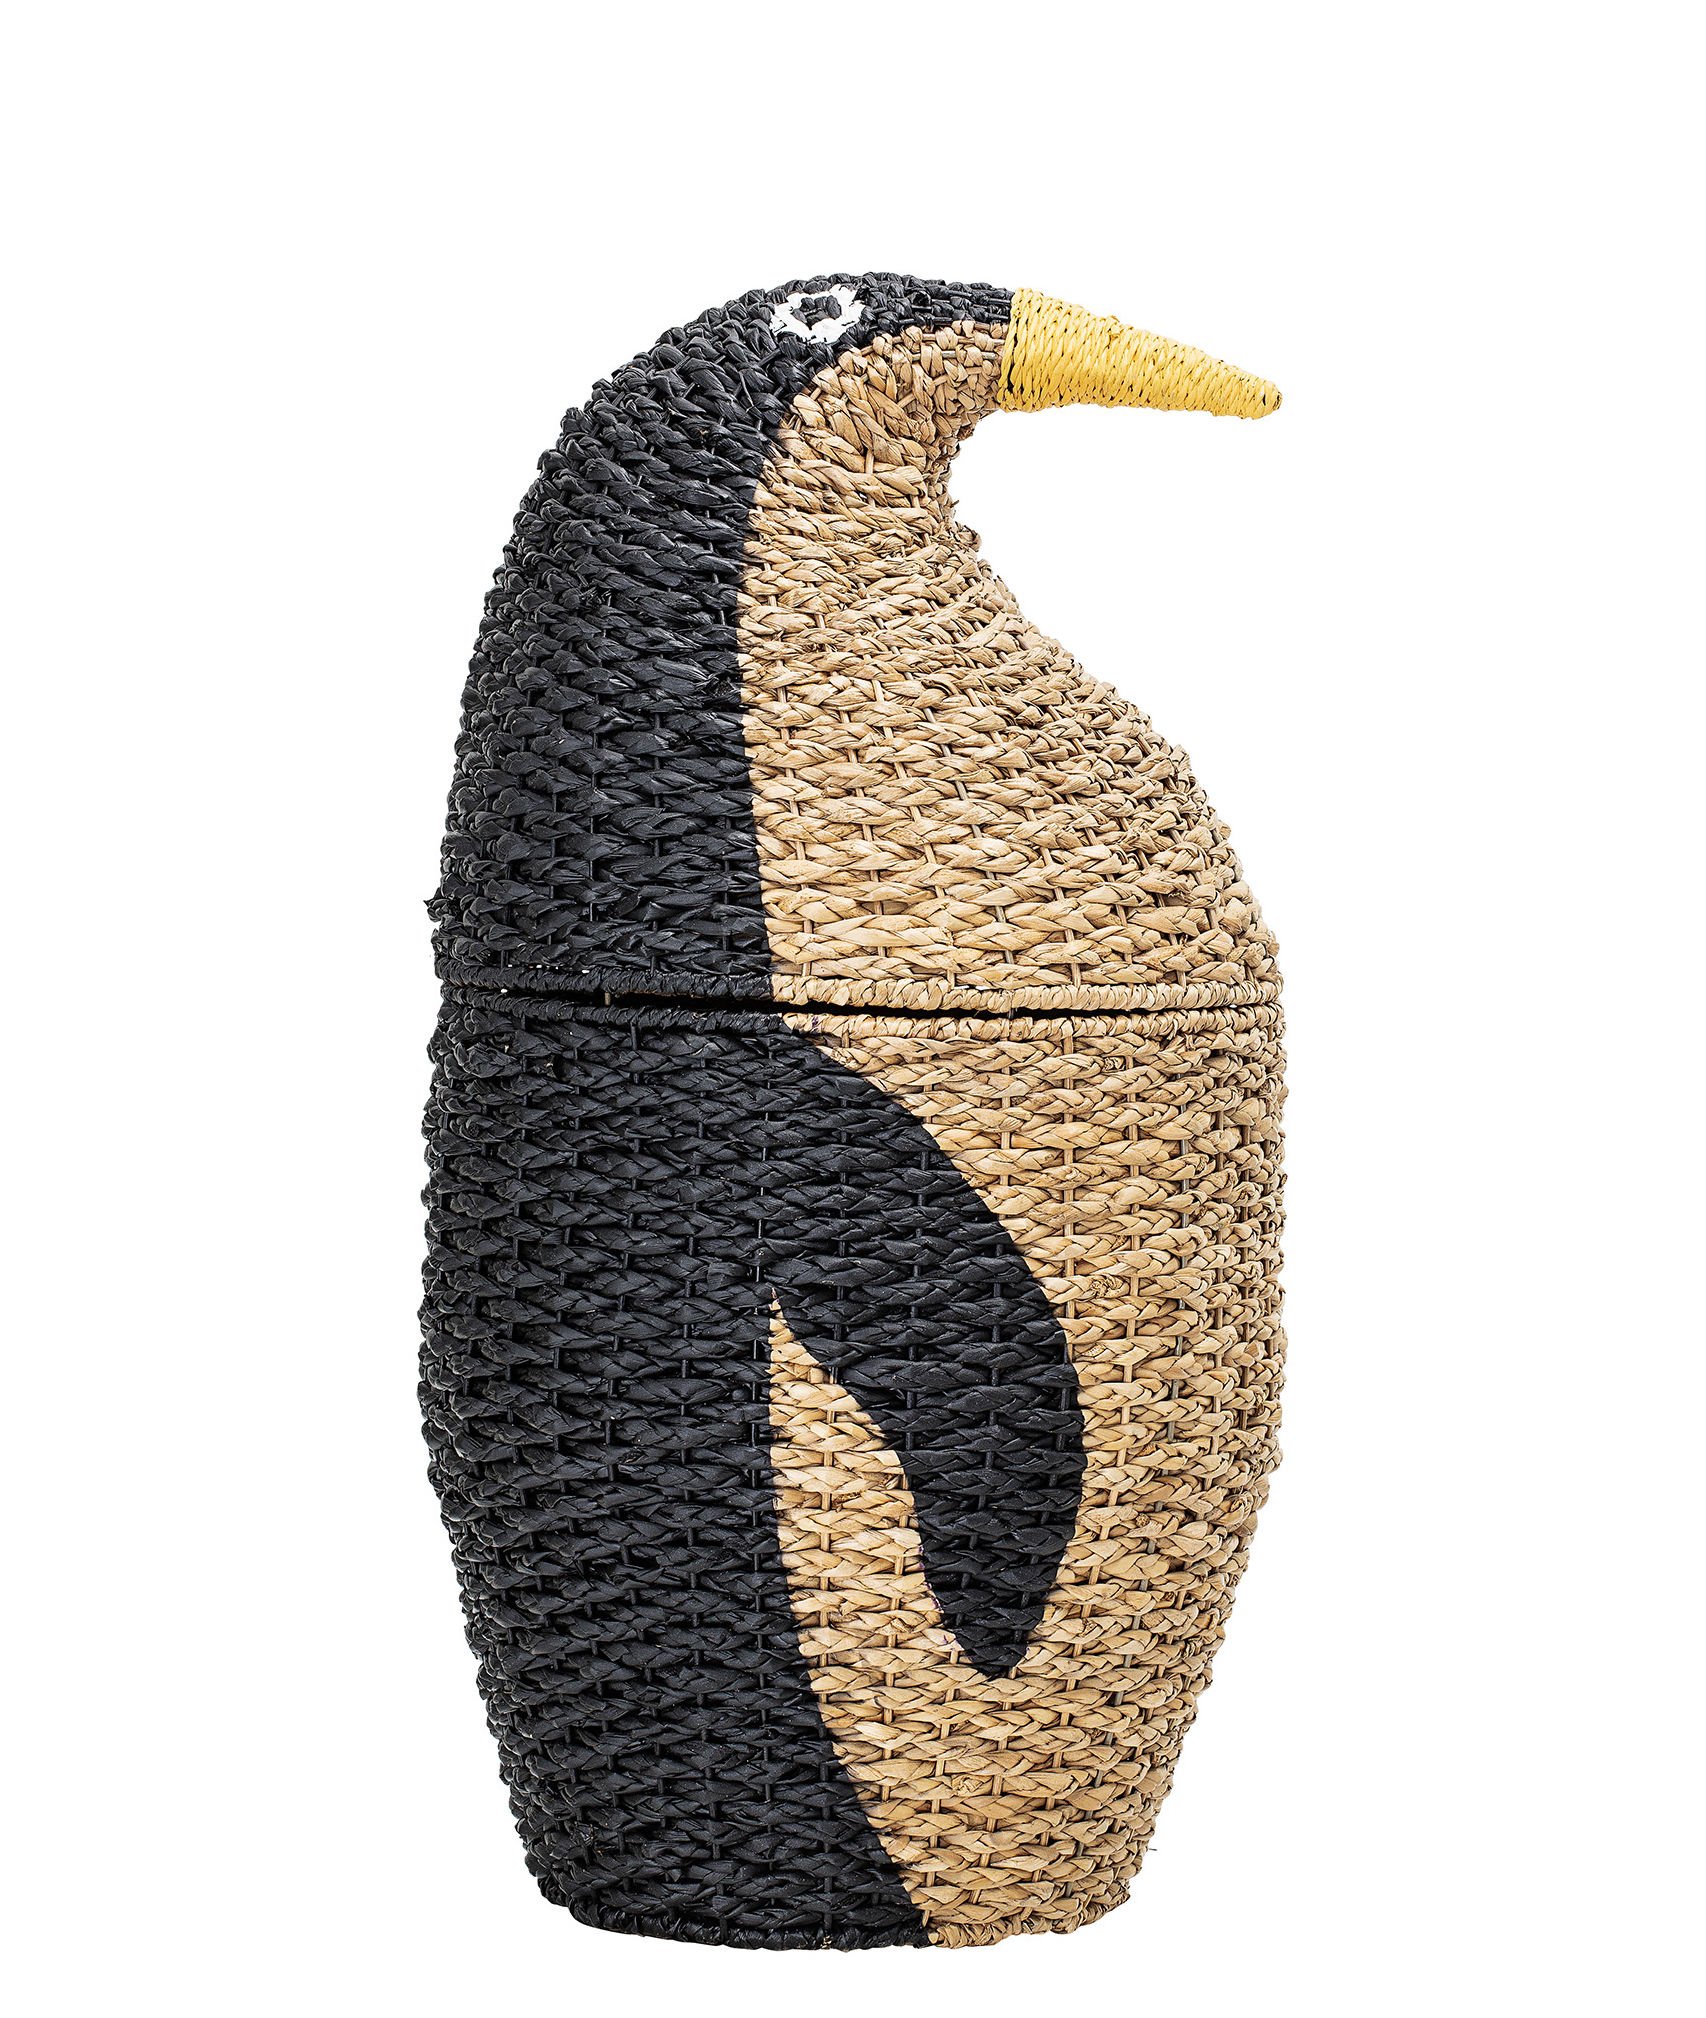 Déco - Pour les enfants - Panier Pingouin / avec couvercle - Bankuan - Bloomingville - Pingouin - Bankuan